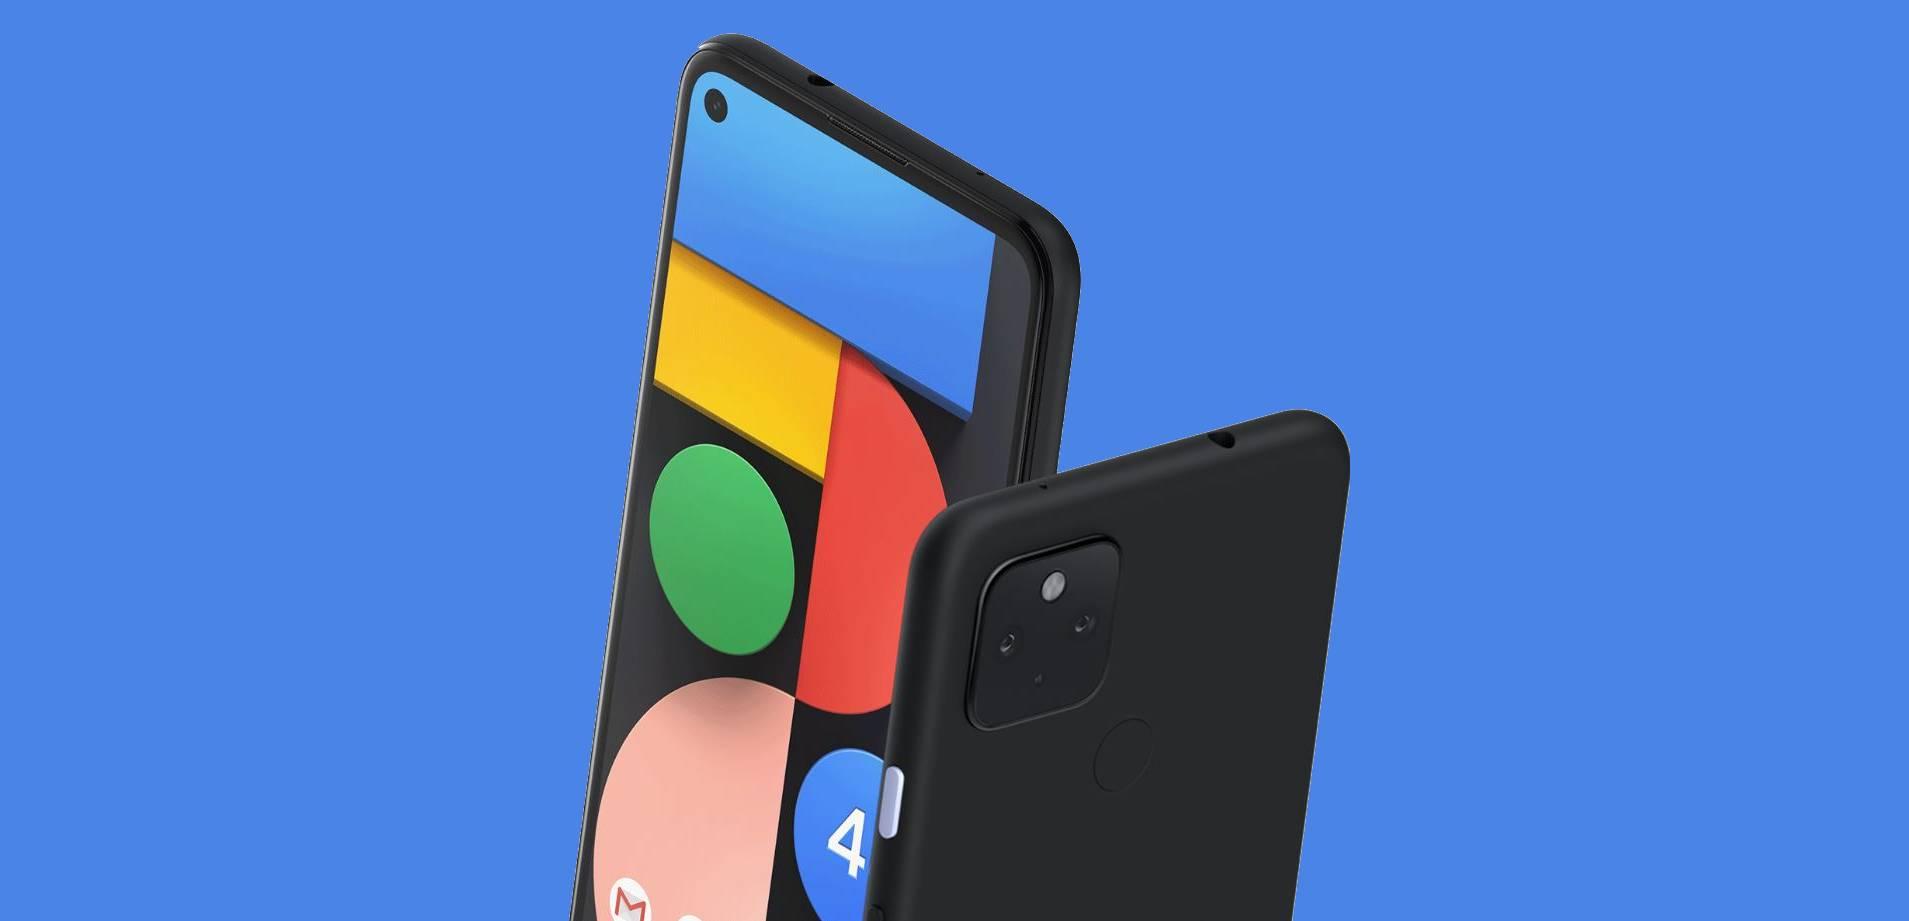 Reduziert: Google Store rabattiert Pixel-Handy, Pixel Buds und Stadia - SmartDroid.de